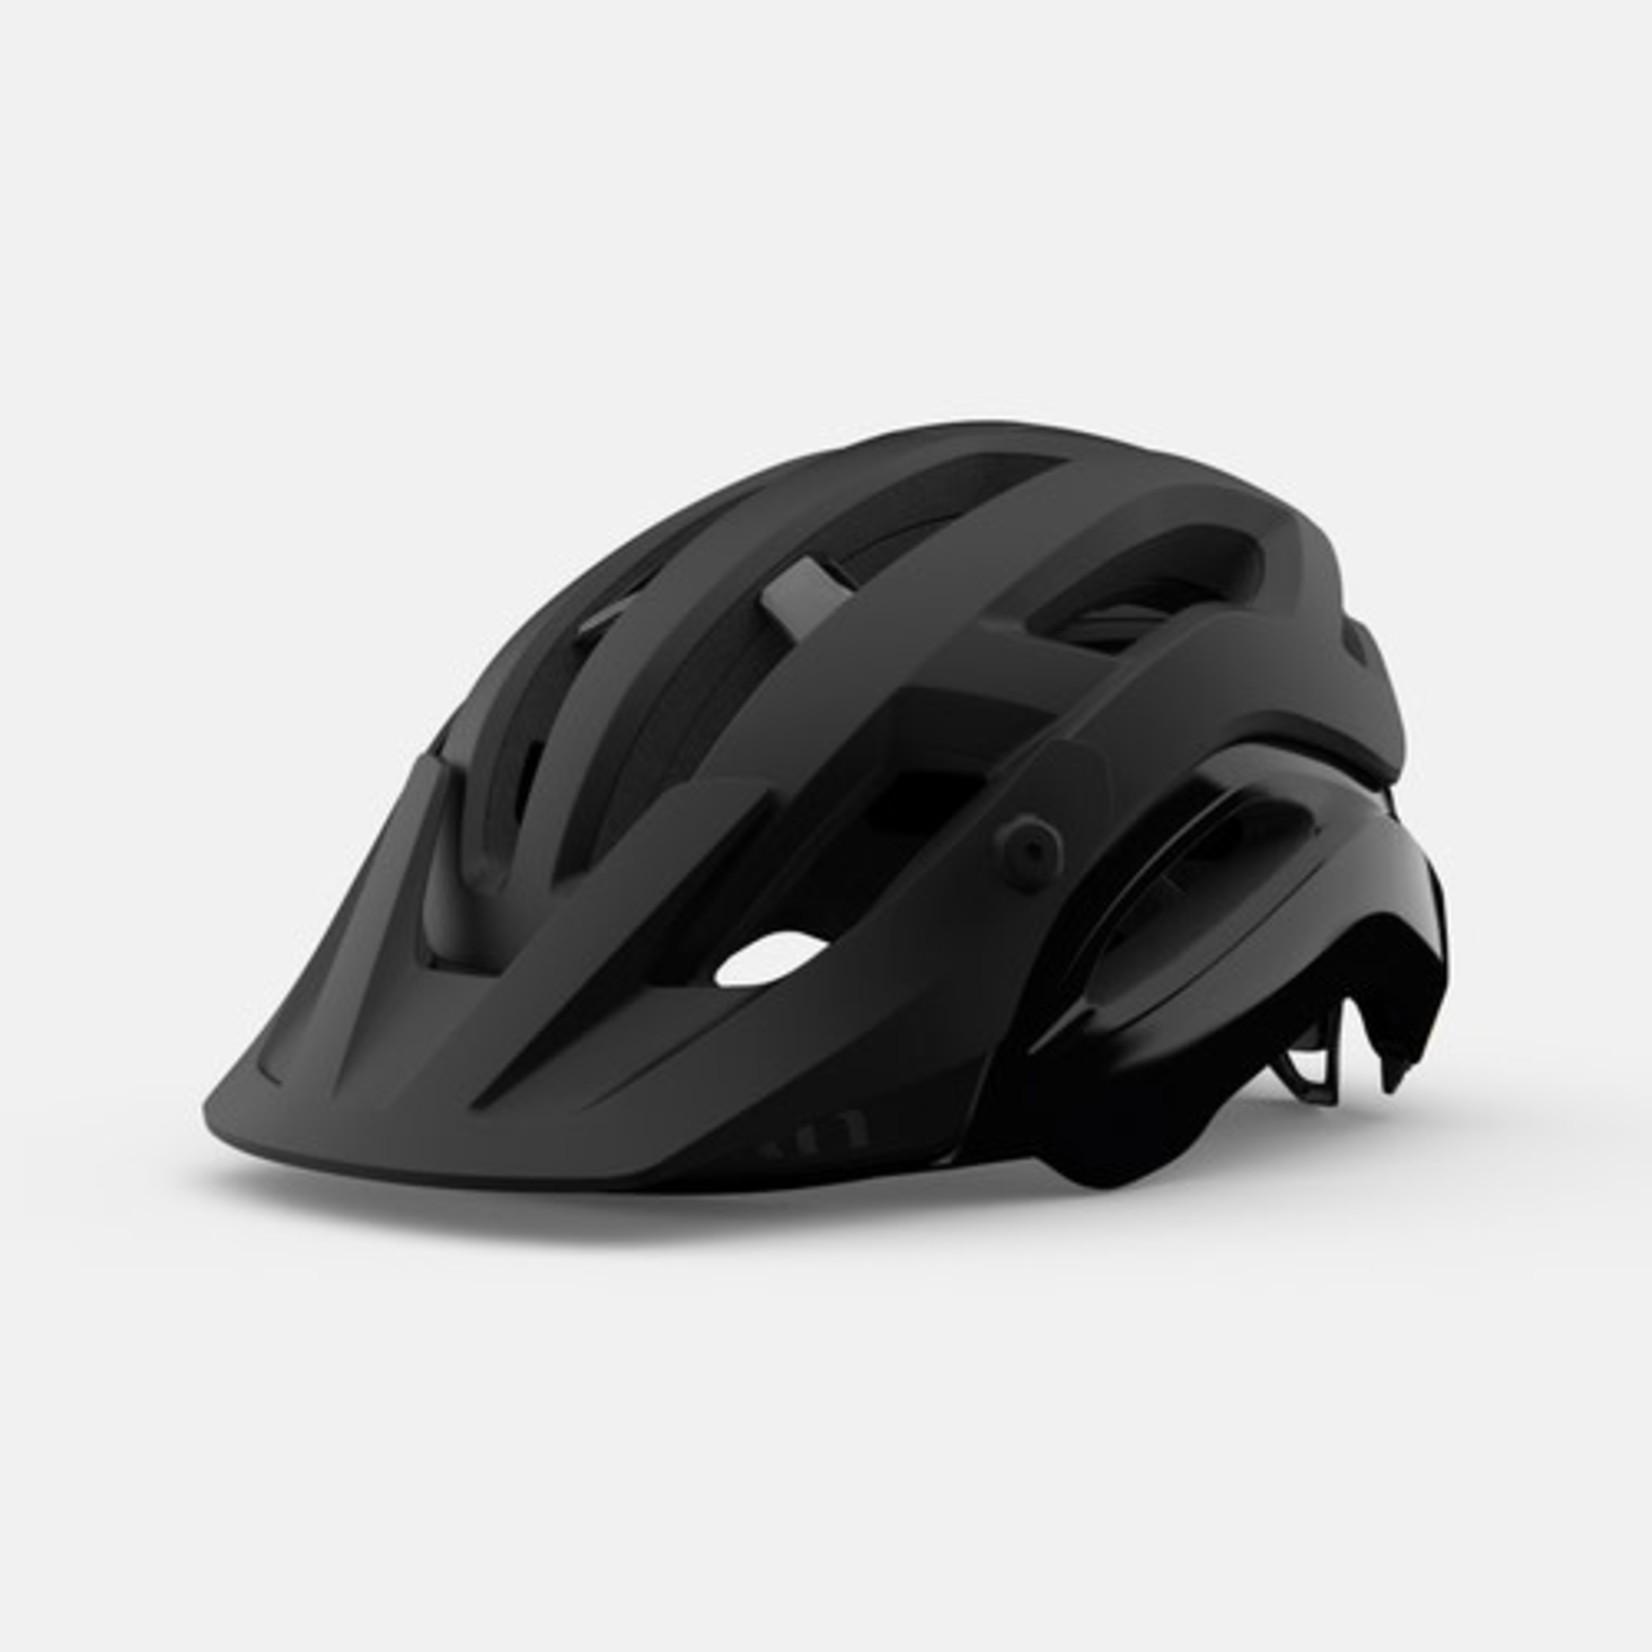 Giro Giro Manifest Spherical Matte Black MD